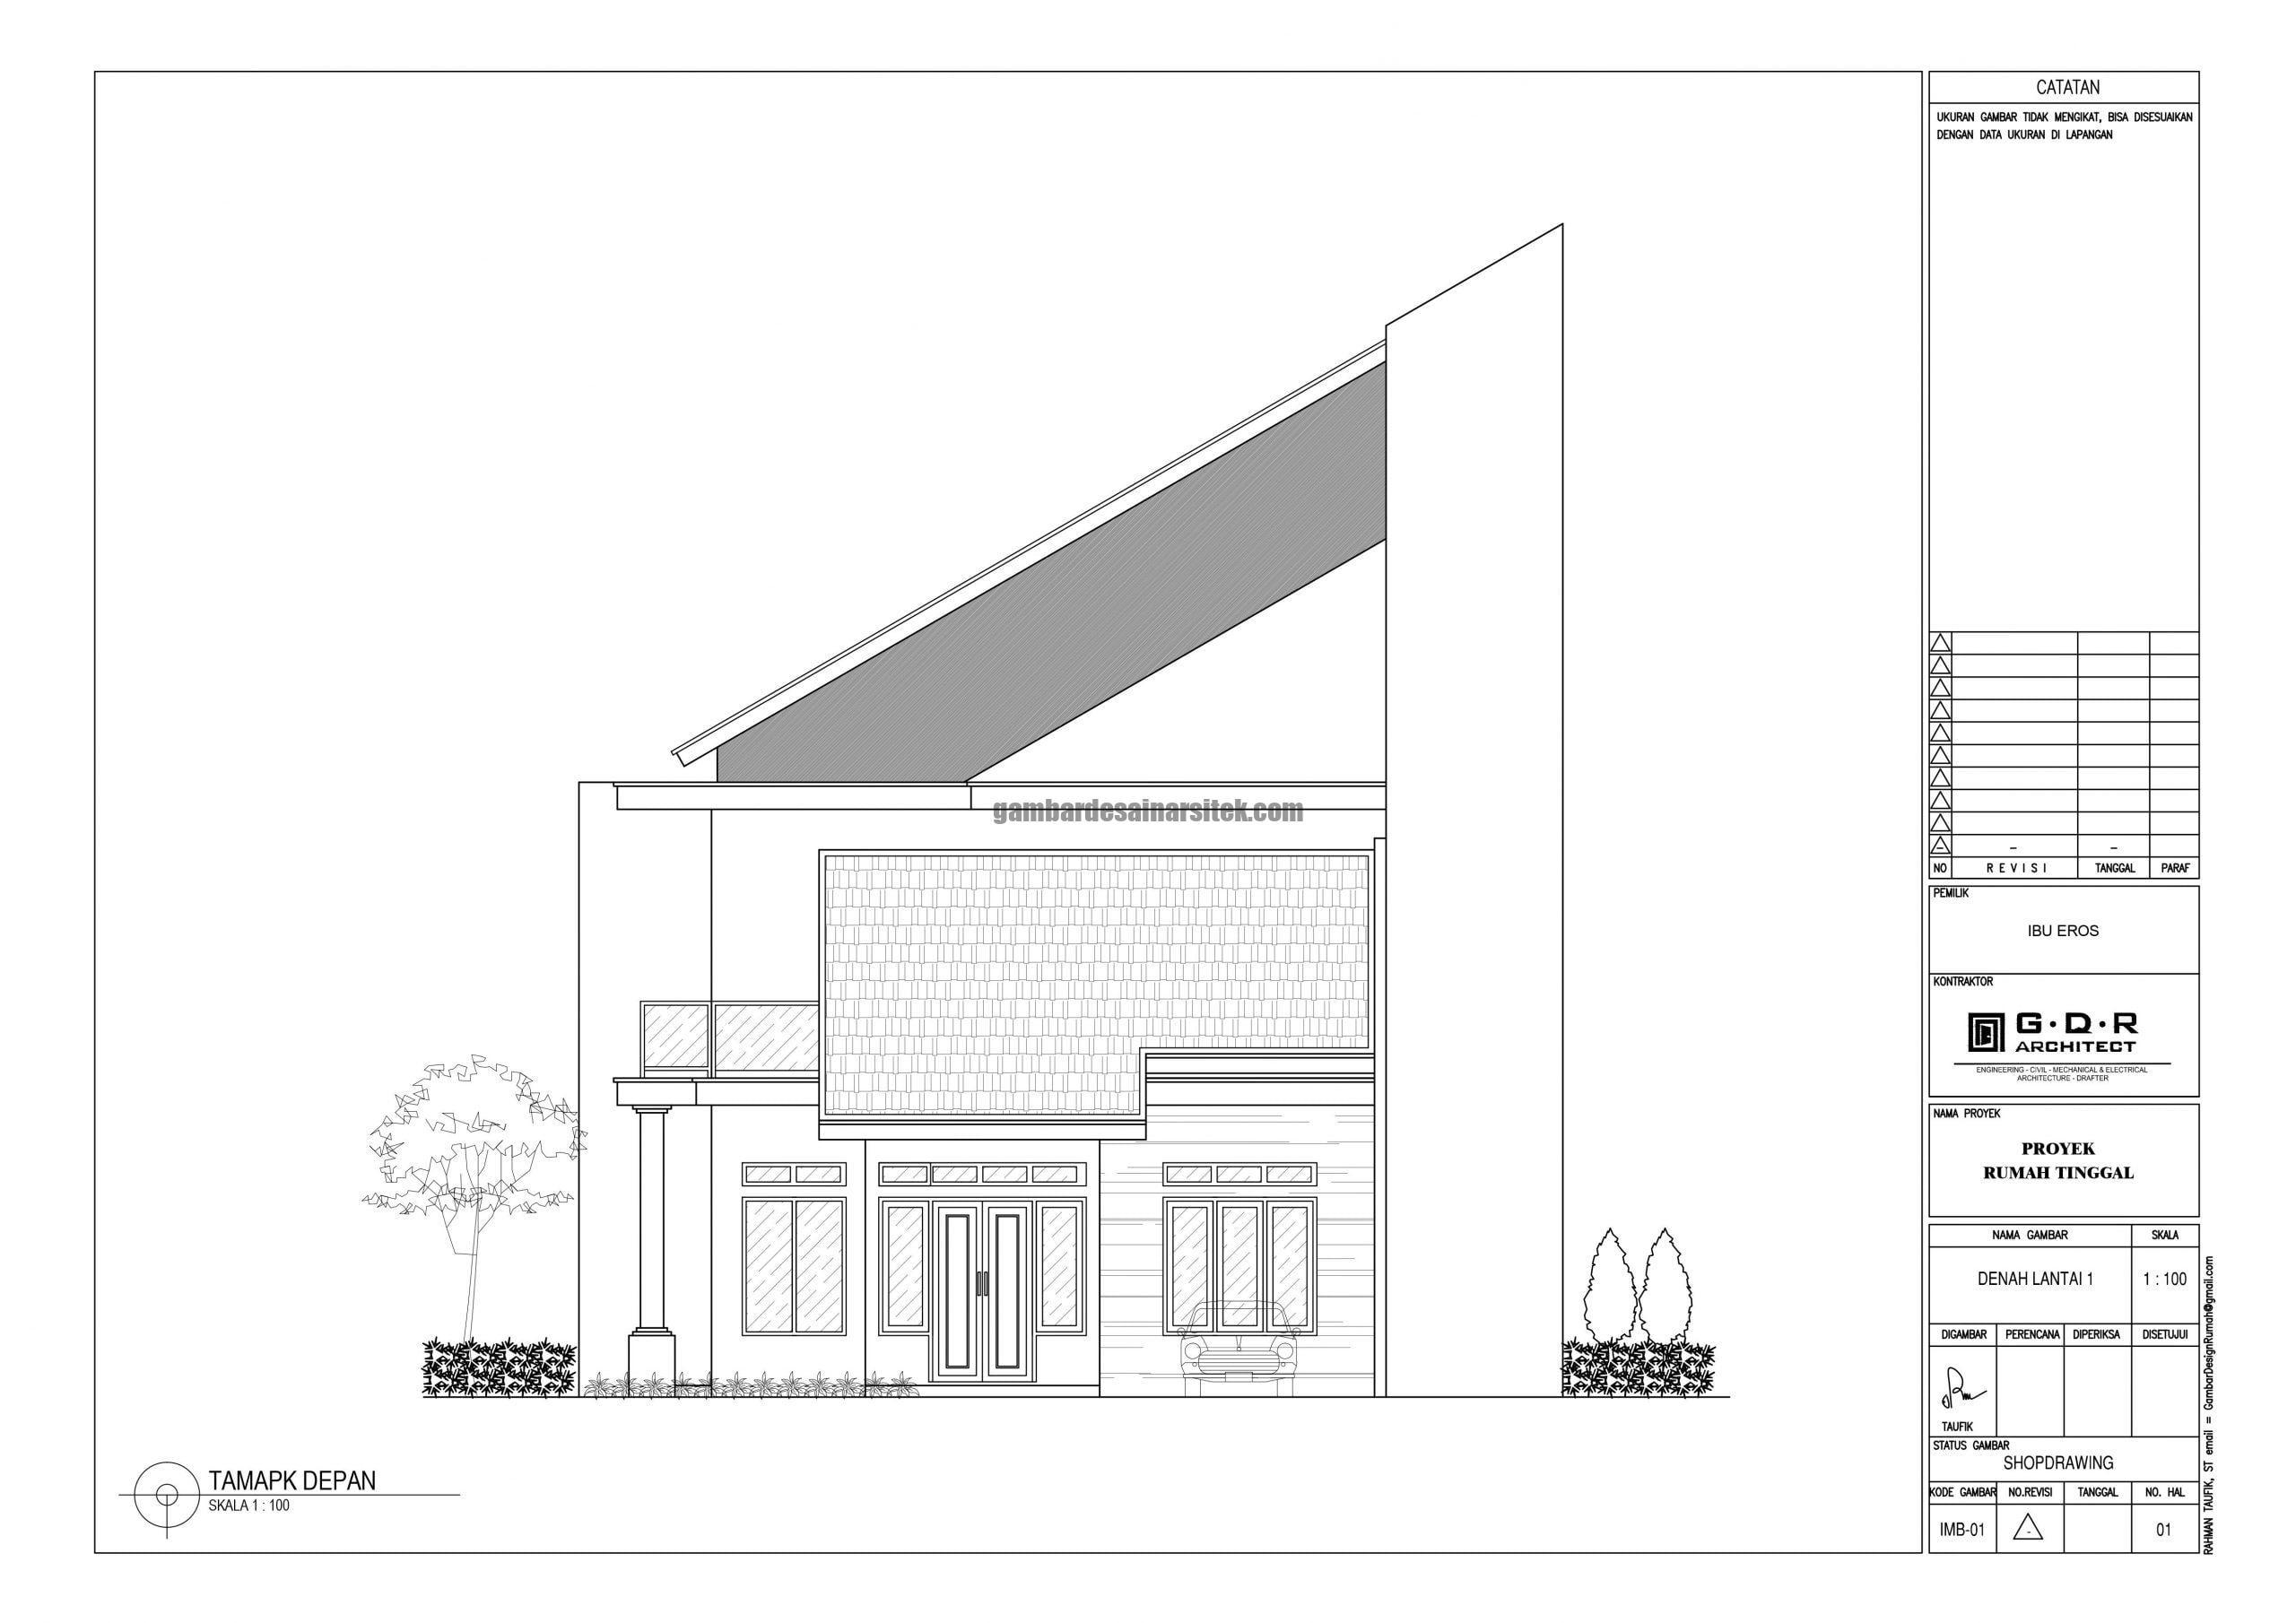 Tampak Depan 2D Rumah Minimalis dengan Atap Miring scaled